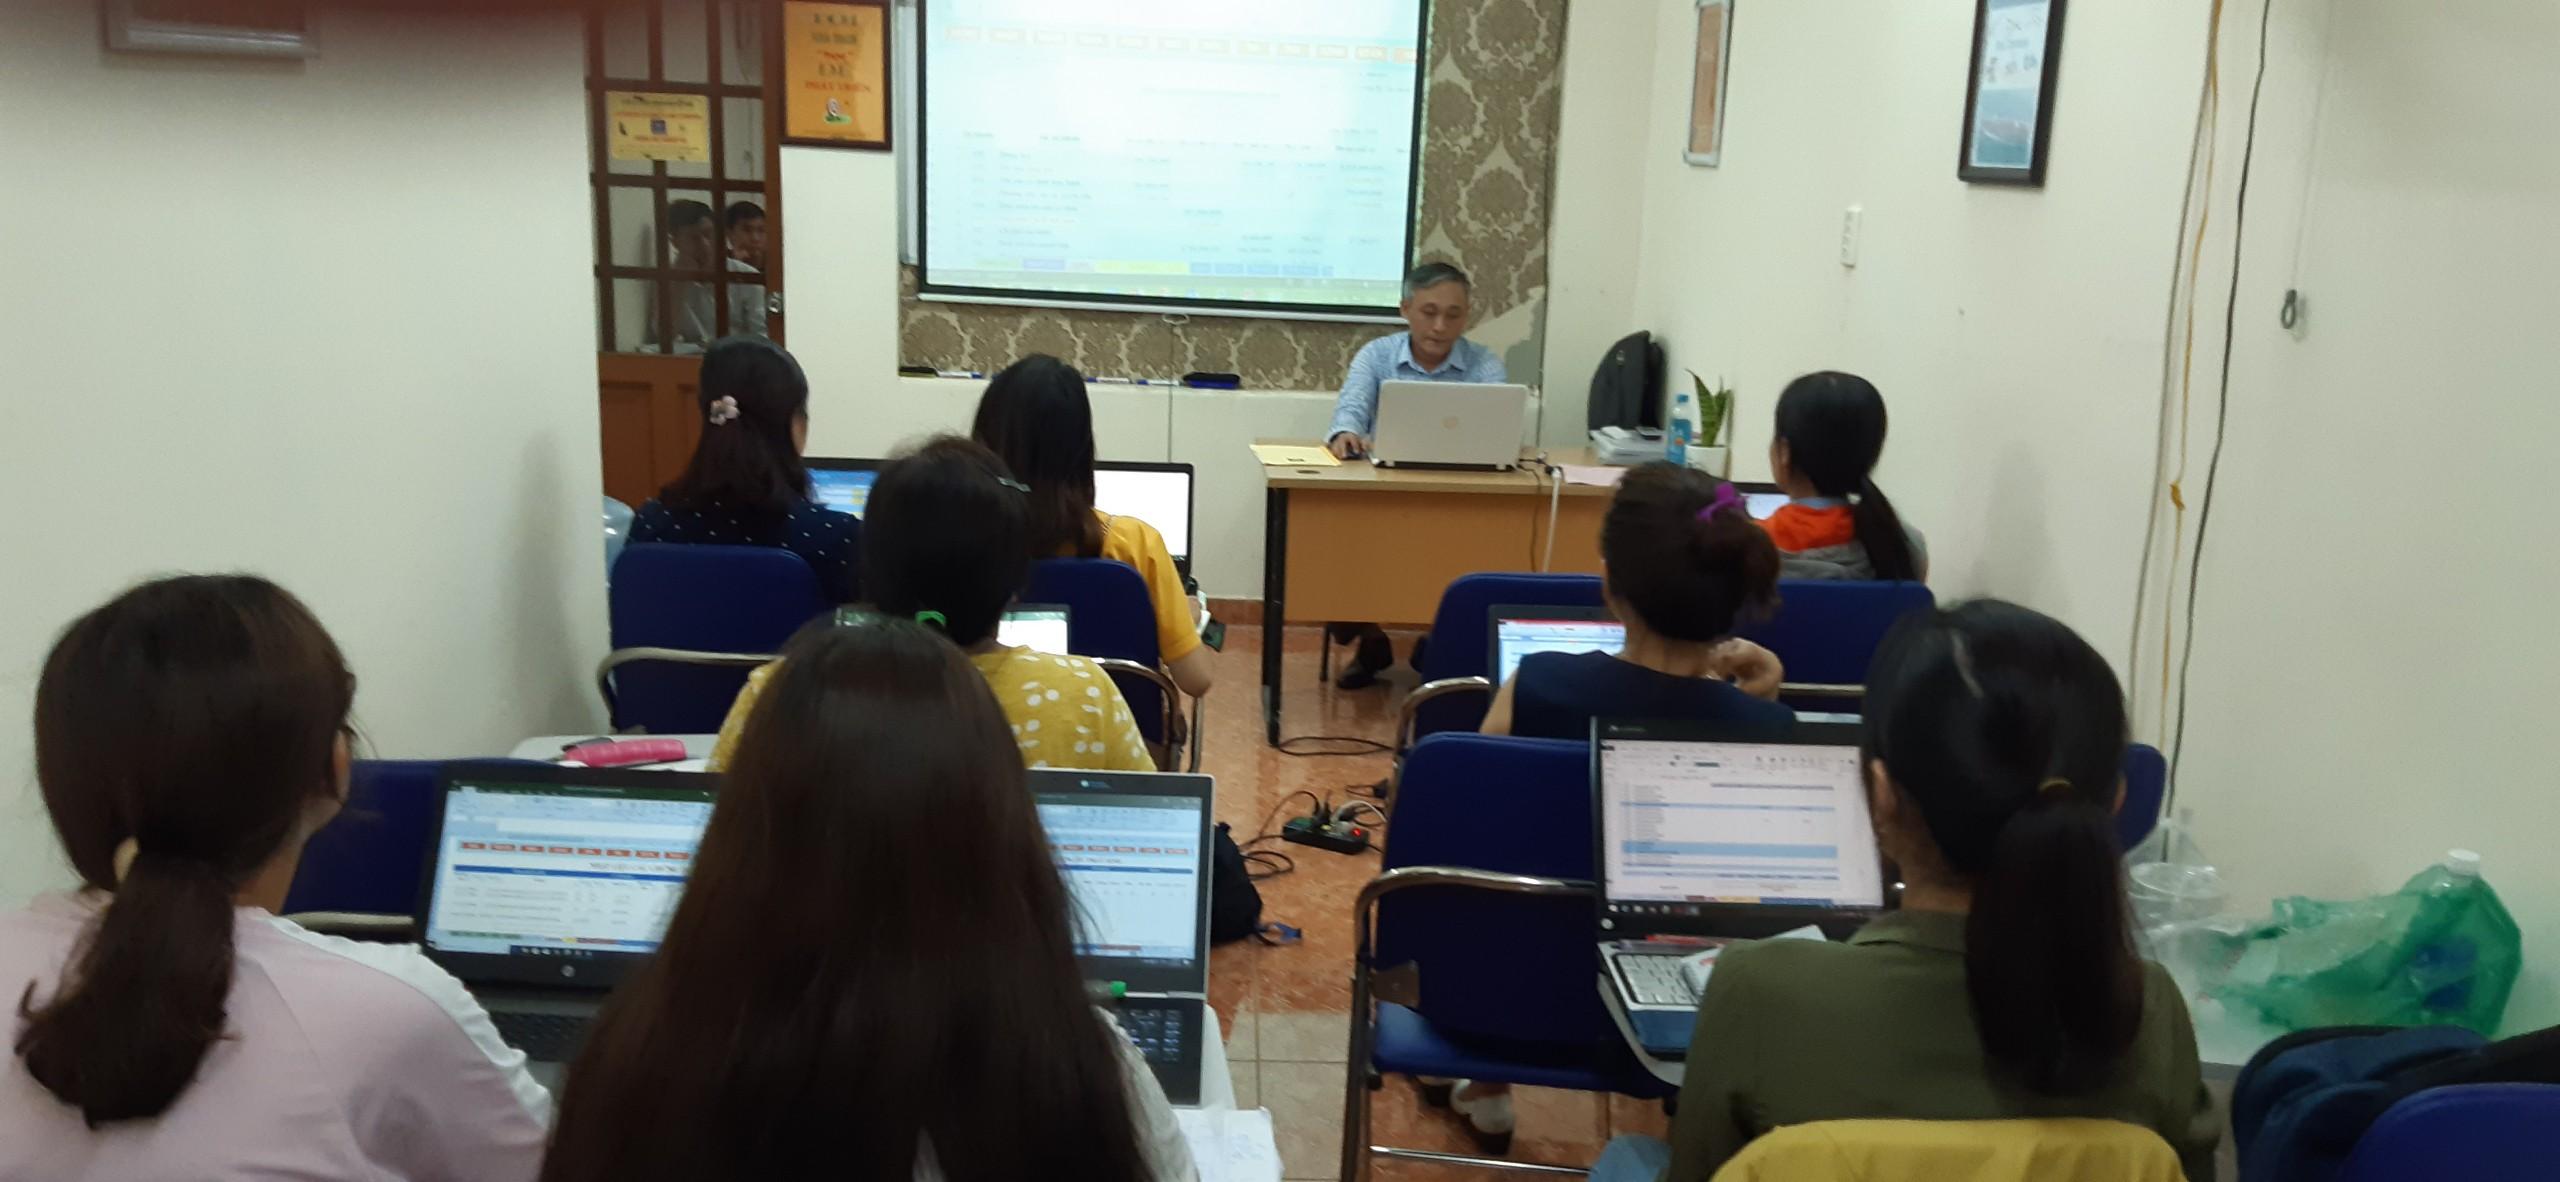 Hình ảnh khóa học xuất nhập khẩu tại trung tâm VinaTrain chi nhánh Hồ Chí Minh